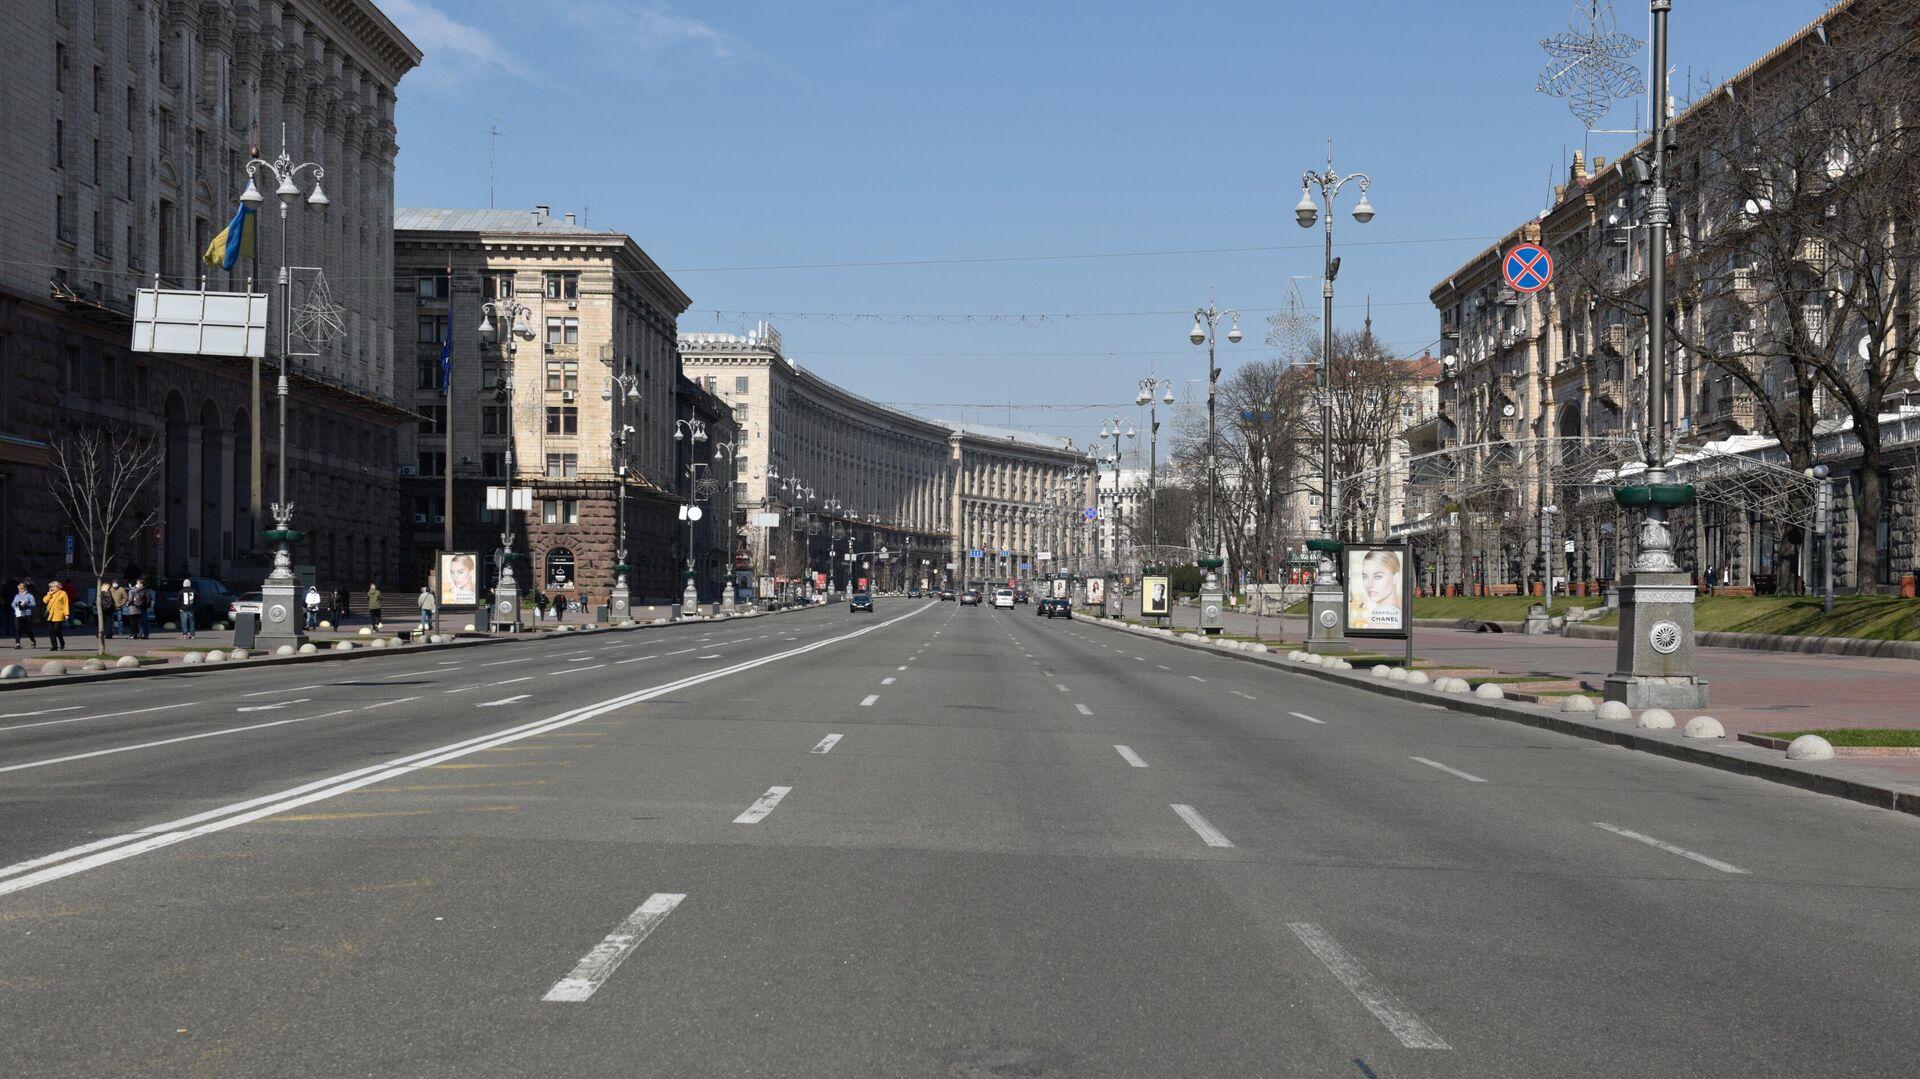 Улица Крещатик в Киеве - РИА Новости, 1920, 05.04.2021